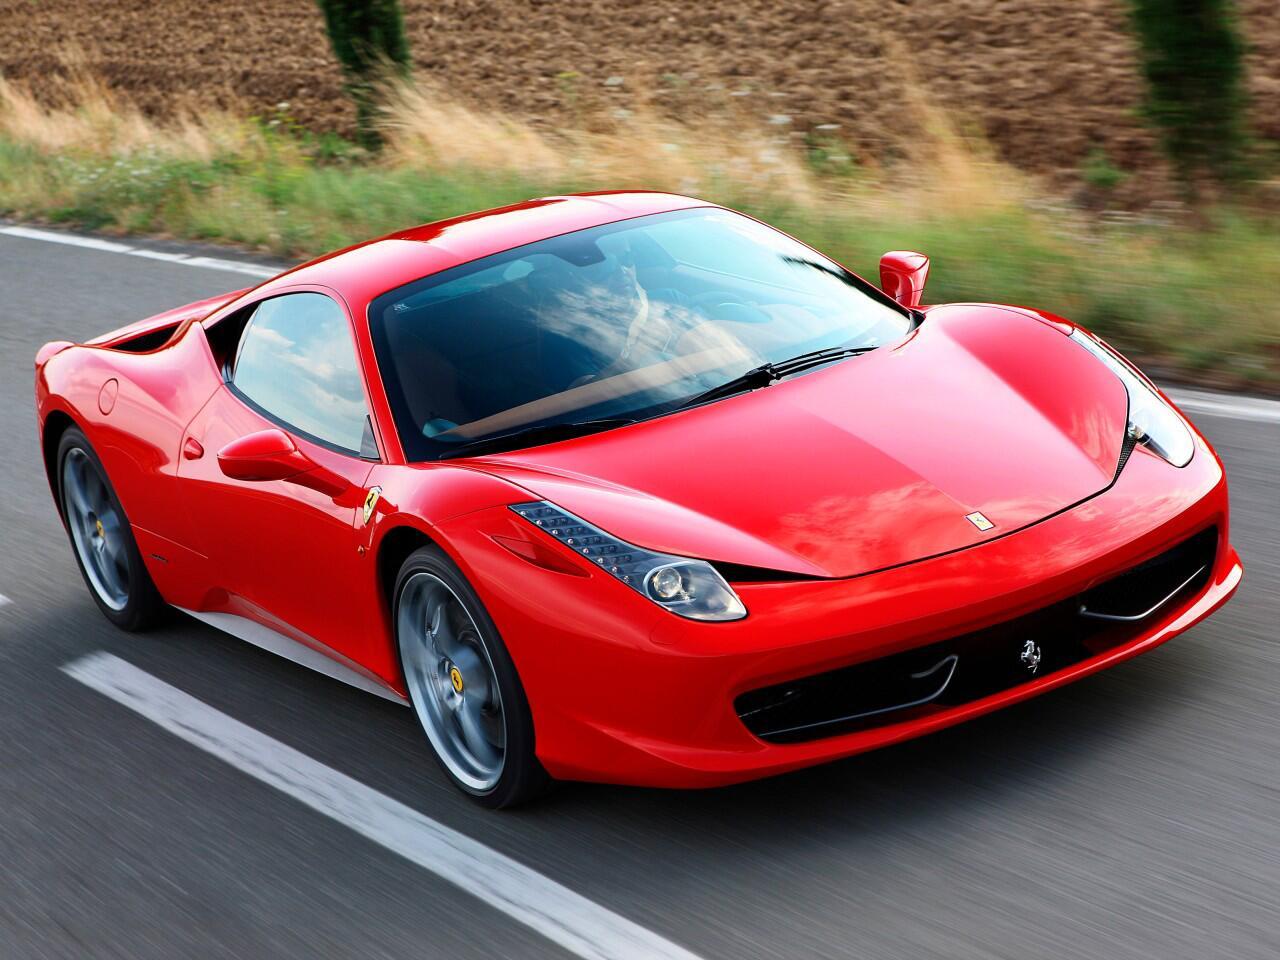 Bild zu Ferraria 458